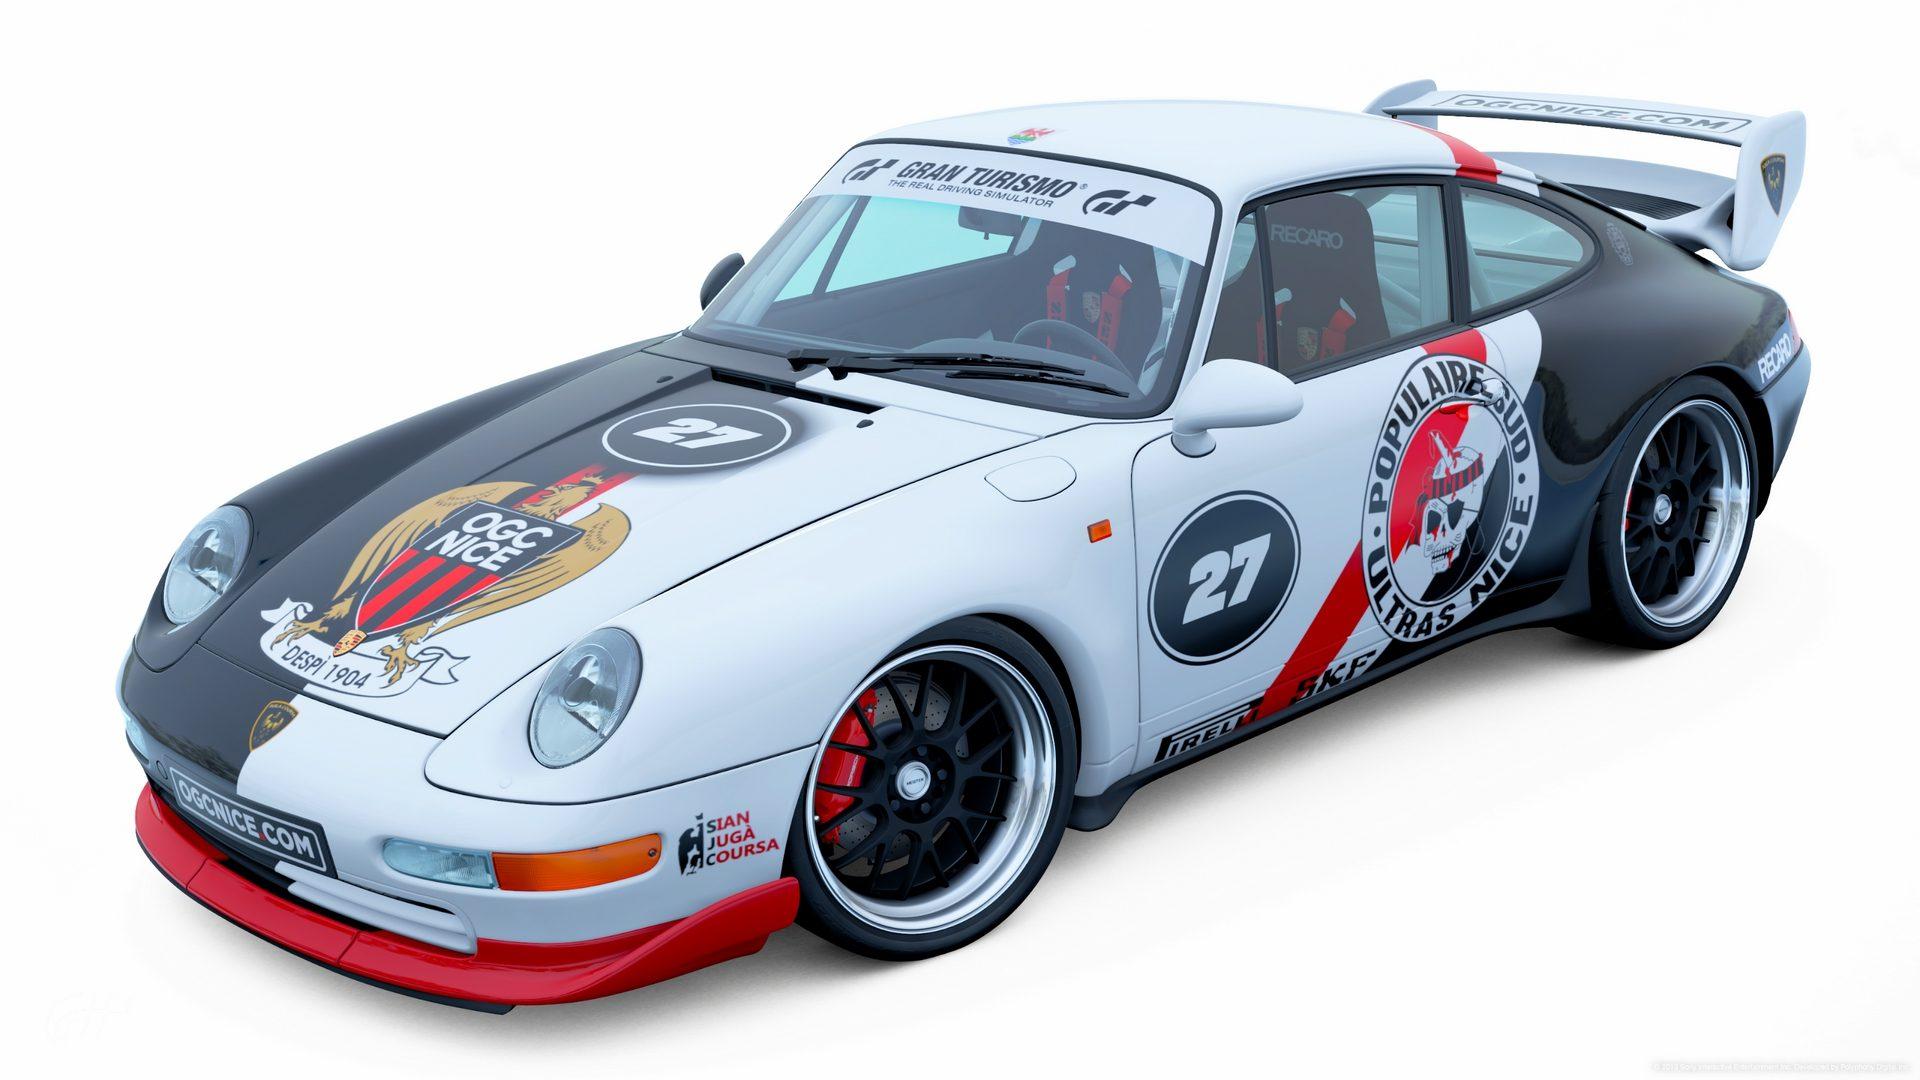 Porsche 911 Carrera Rs Cs Juga Coursa 27